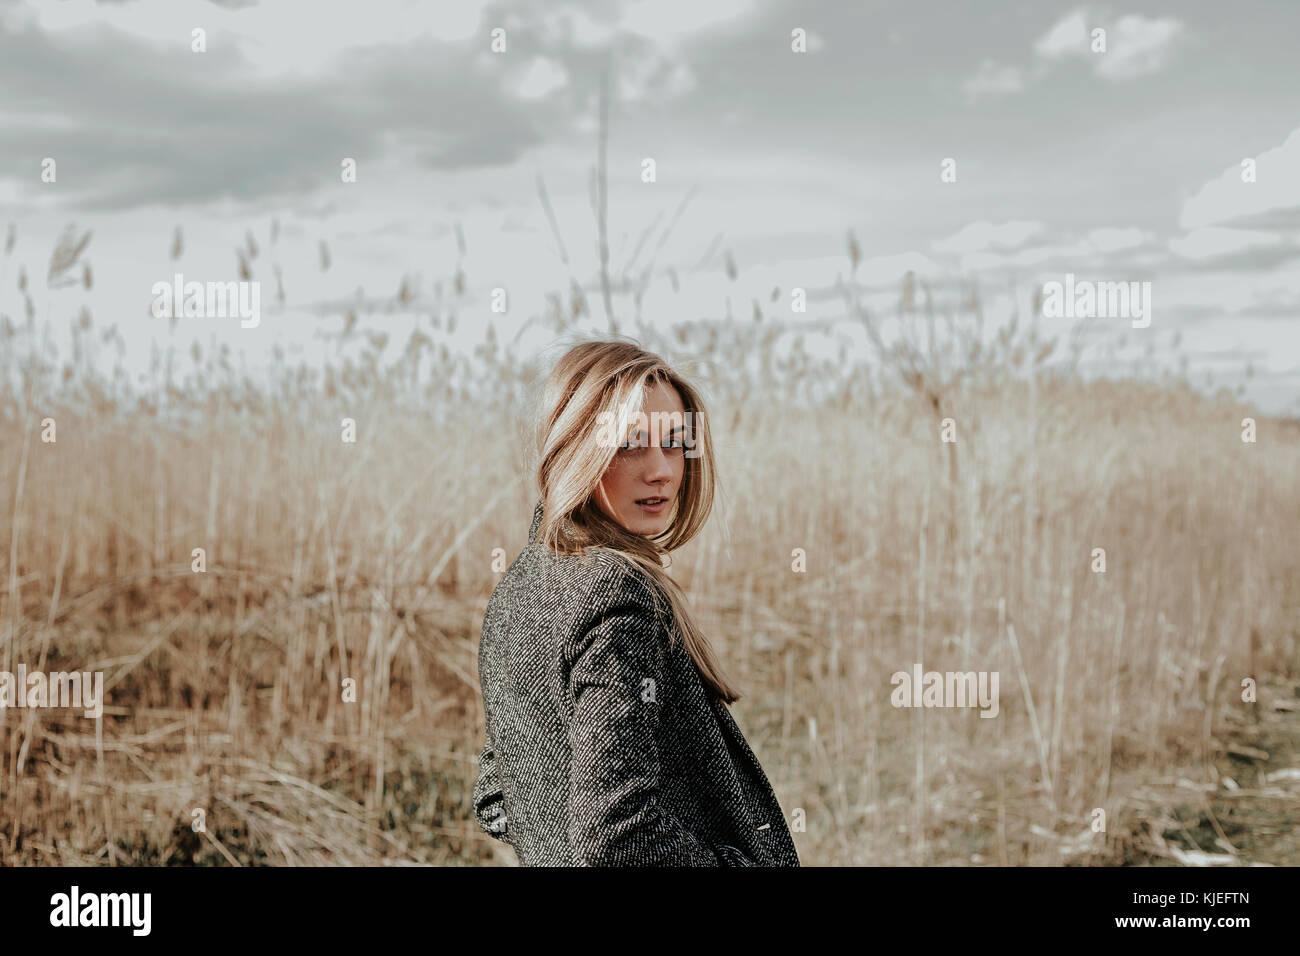 Bonita y joven con largo cabello rubio vestida de abrigo de lana mirando a la cámara a través de su hombro Imagen De Stock